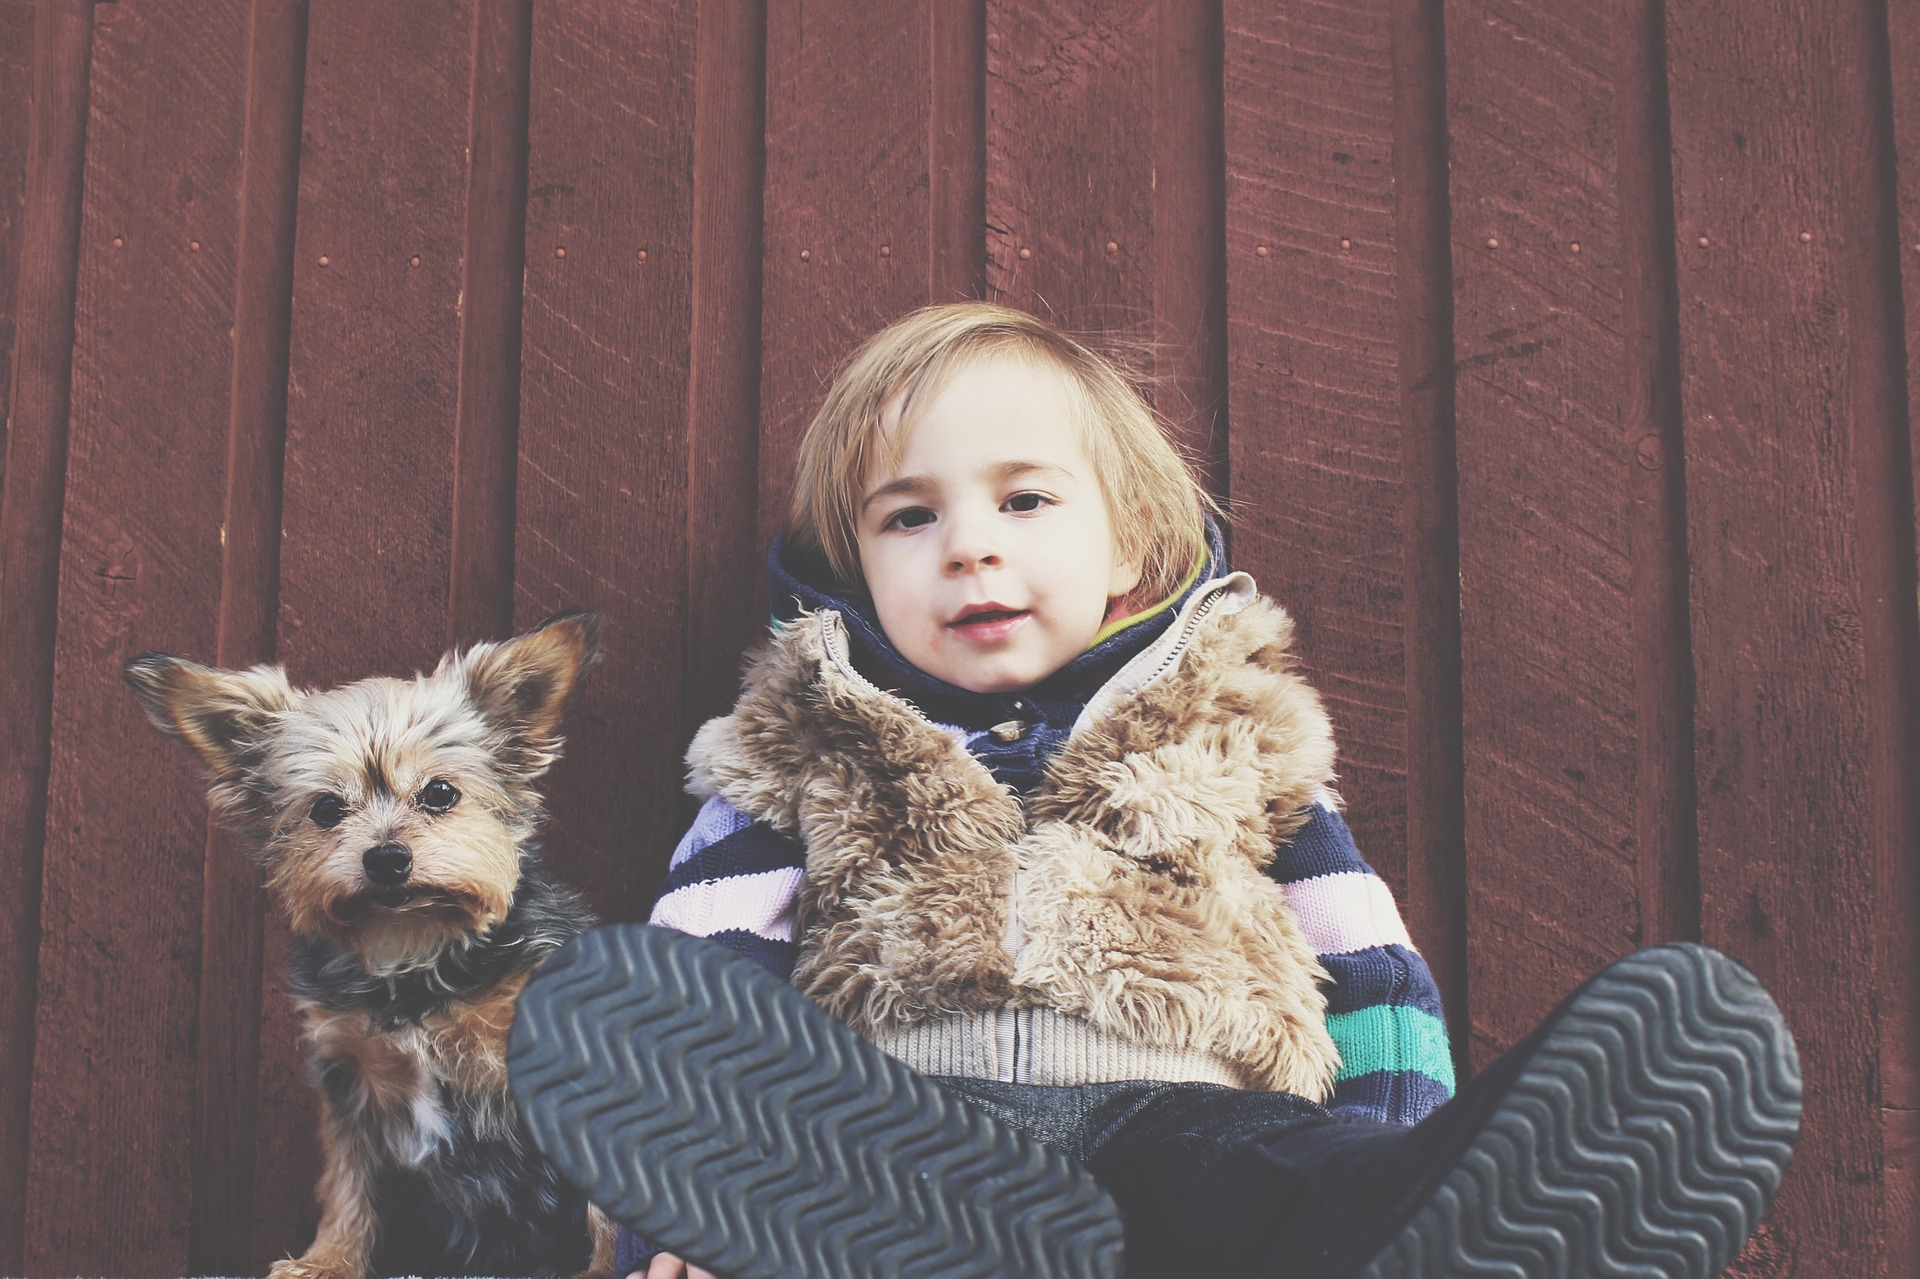 Child's Best Friend